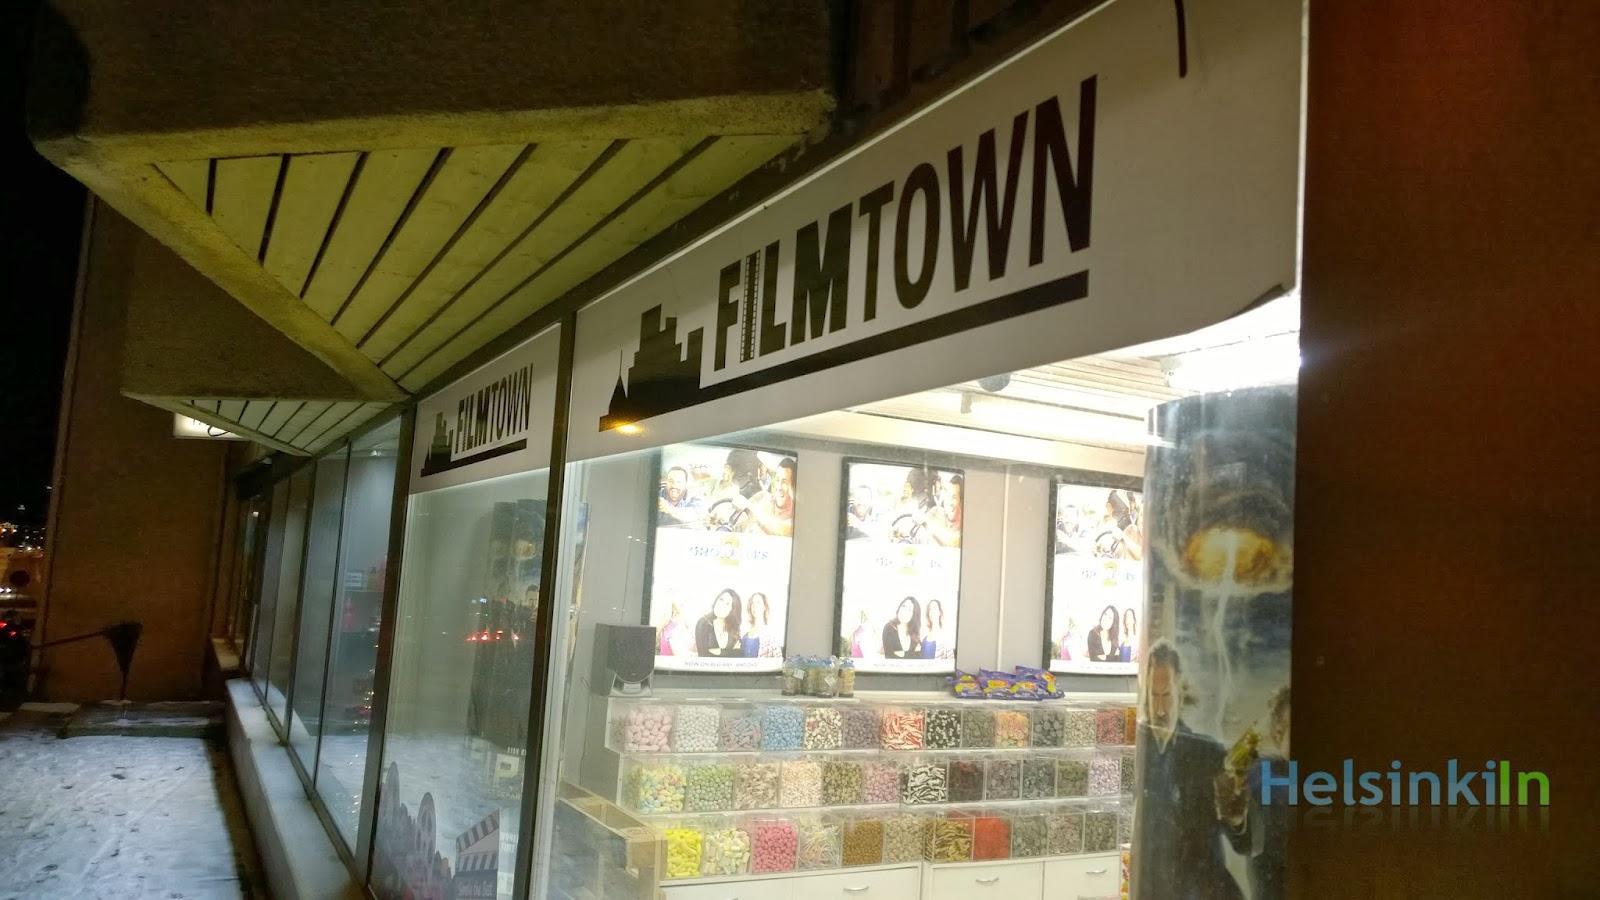 Filmtown in Helsinki